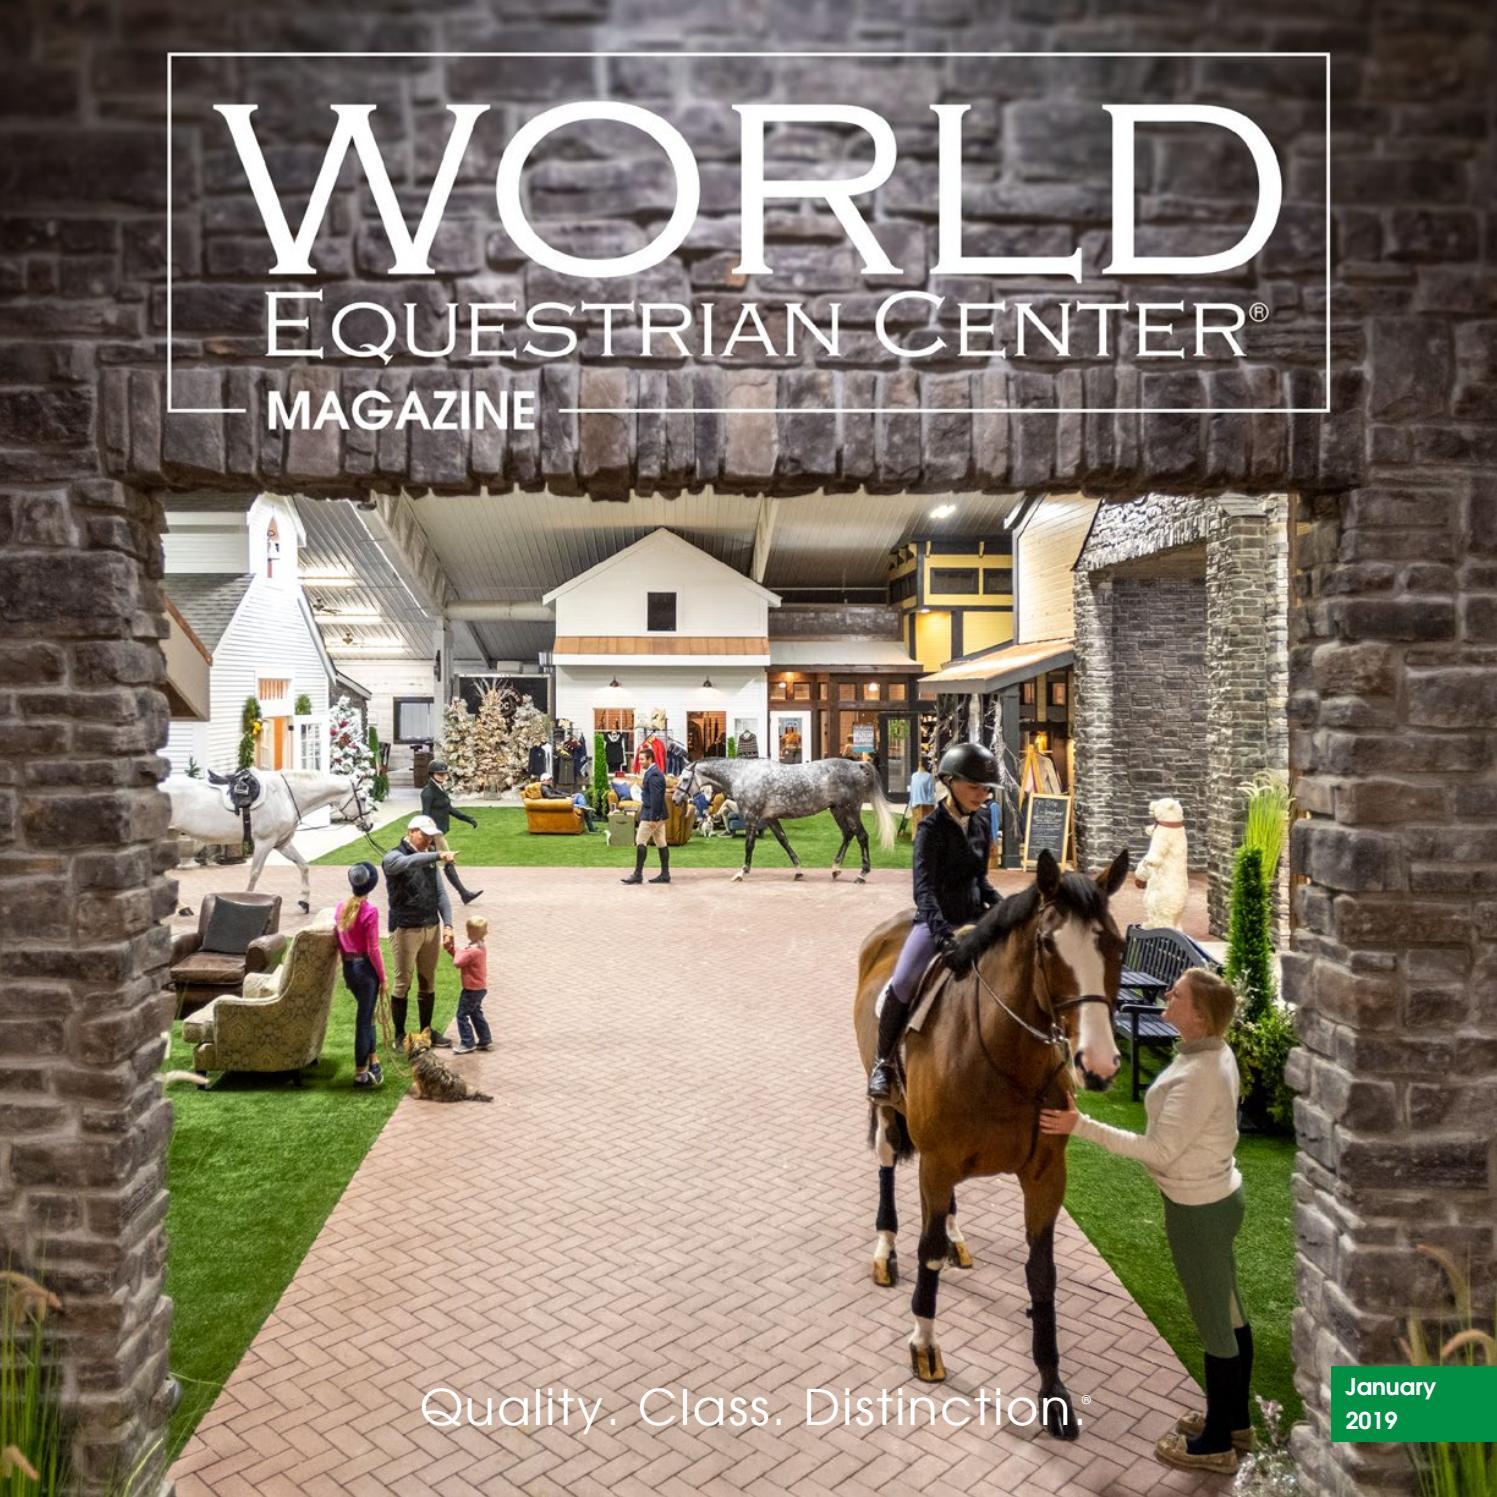 345feb9e5ca World Equestrian Center Magazine January 2019 by World Equestrian Center -  issuu